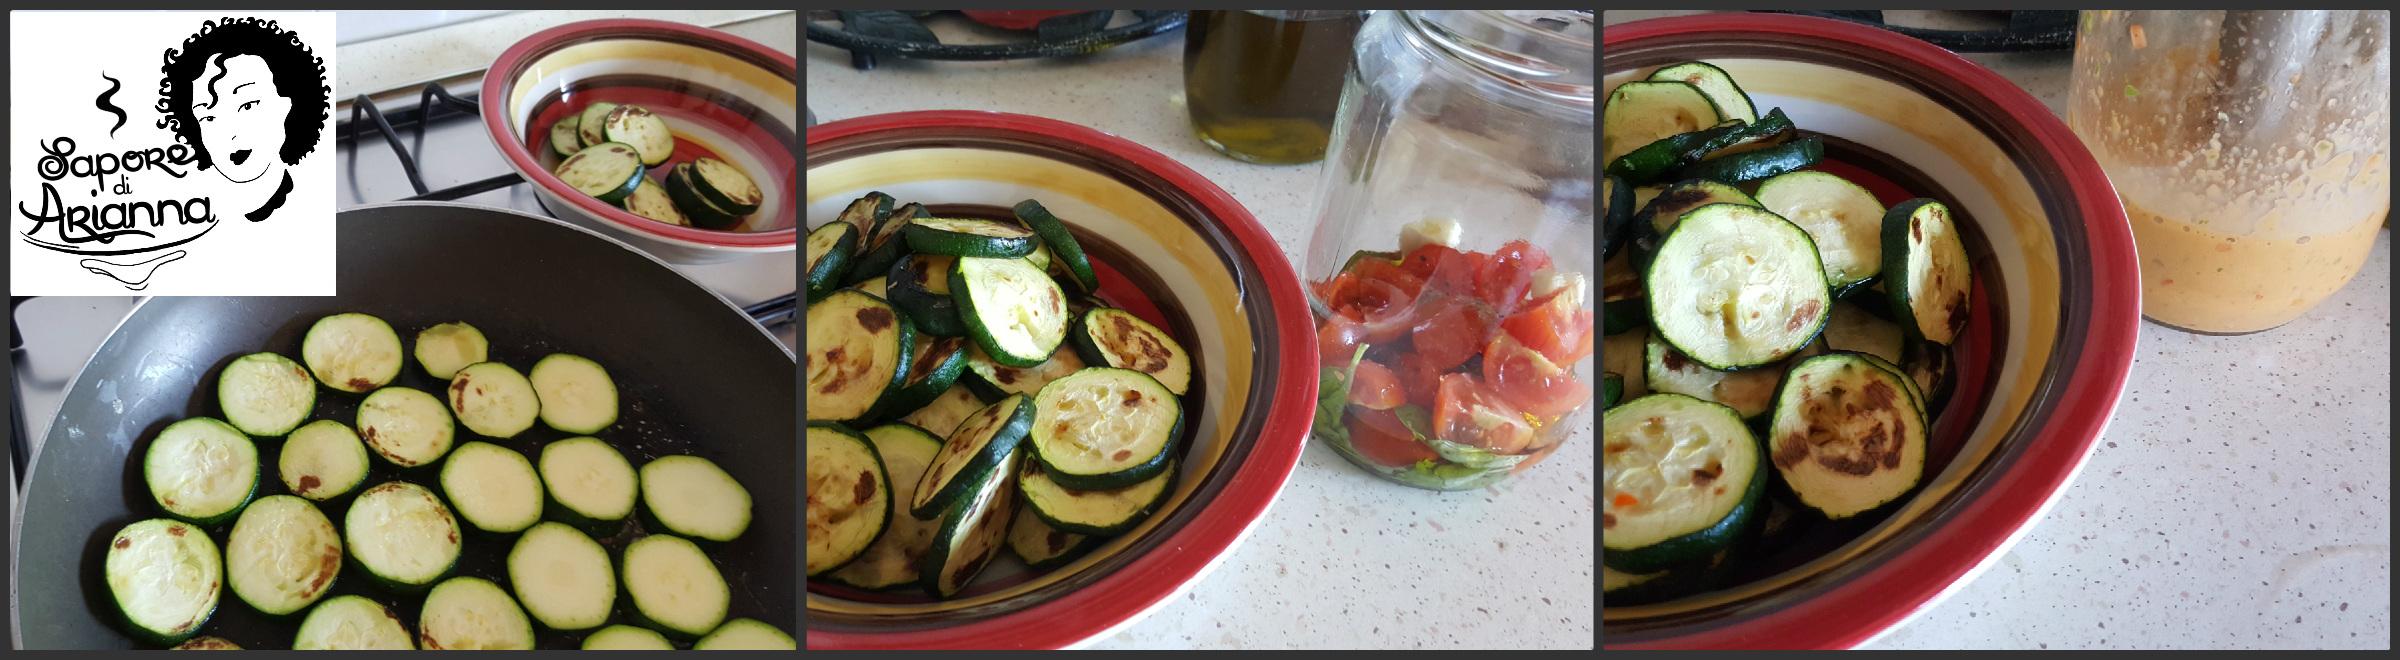 pasta con pesto di zucchine scottate